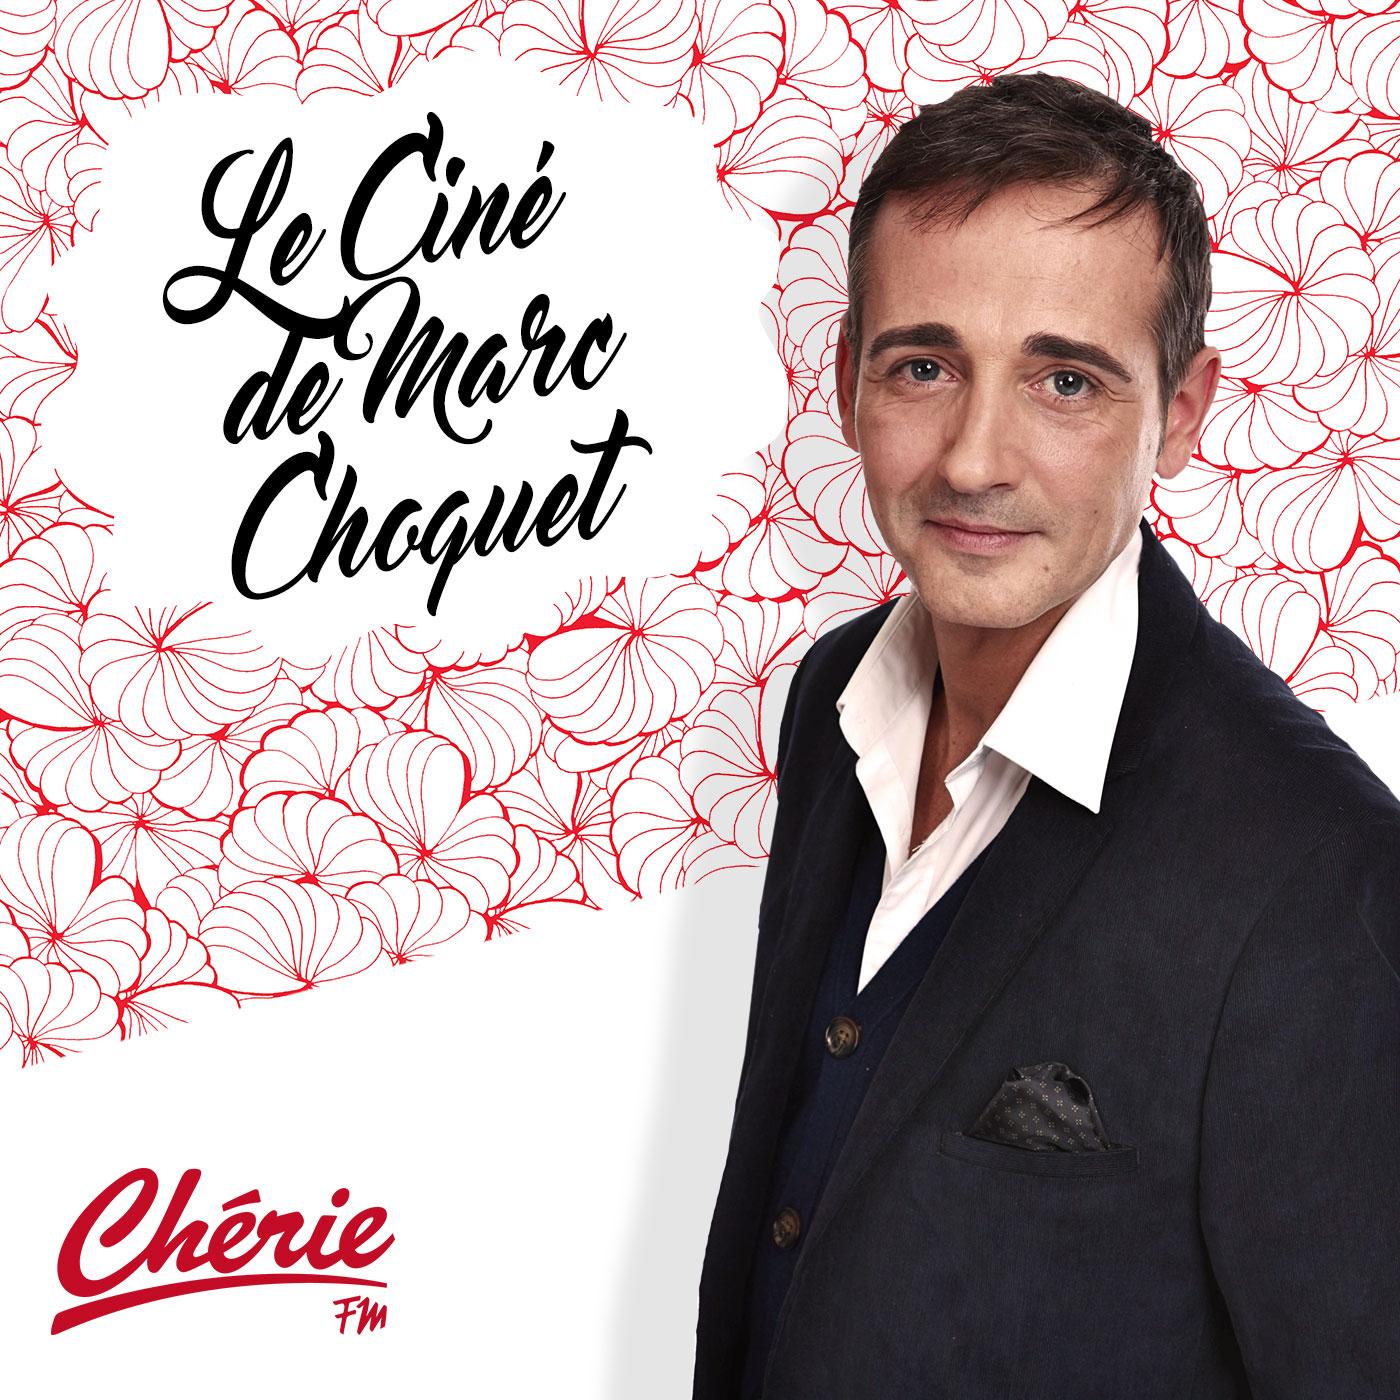 <![CDATA[Le ciné de Marc Choquet]]>